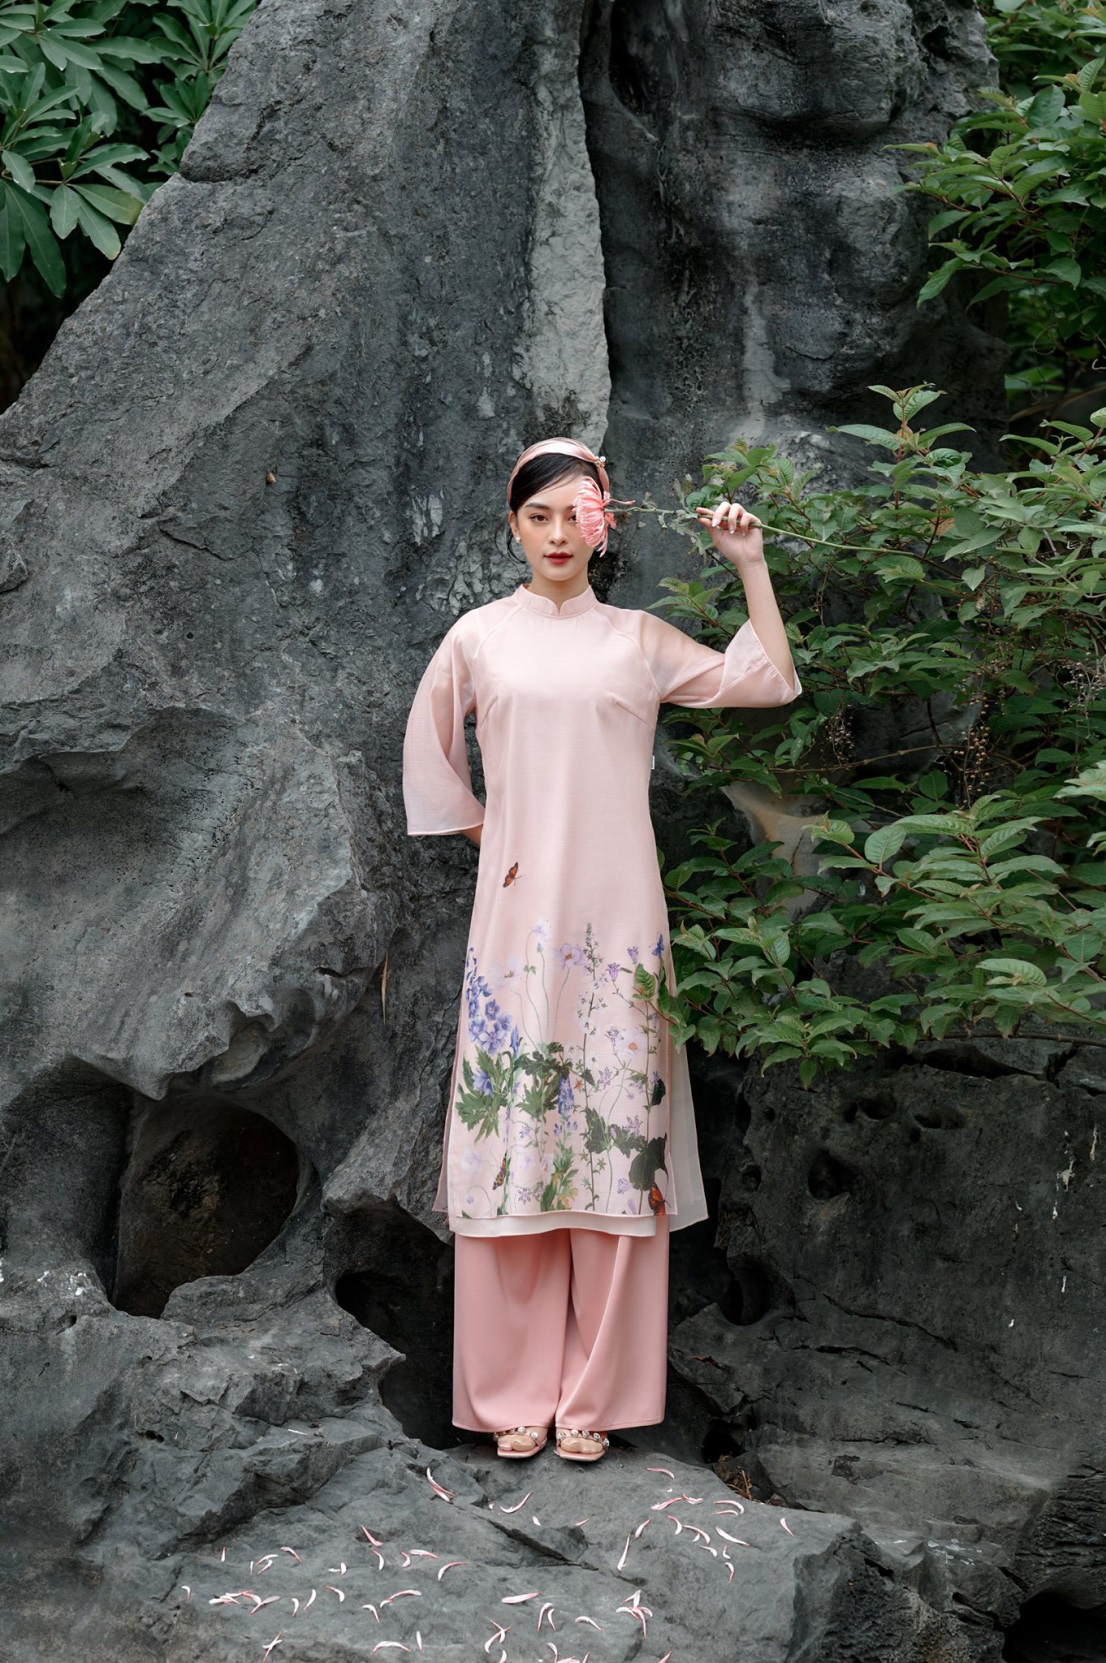 Thương hiệu thời trang Zyms House - Nét đẹp áo dài truyền thống Việt Nam - Ảnh 4.